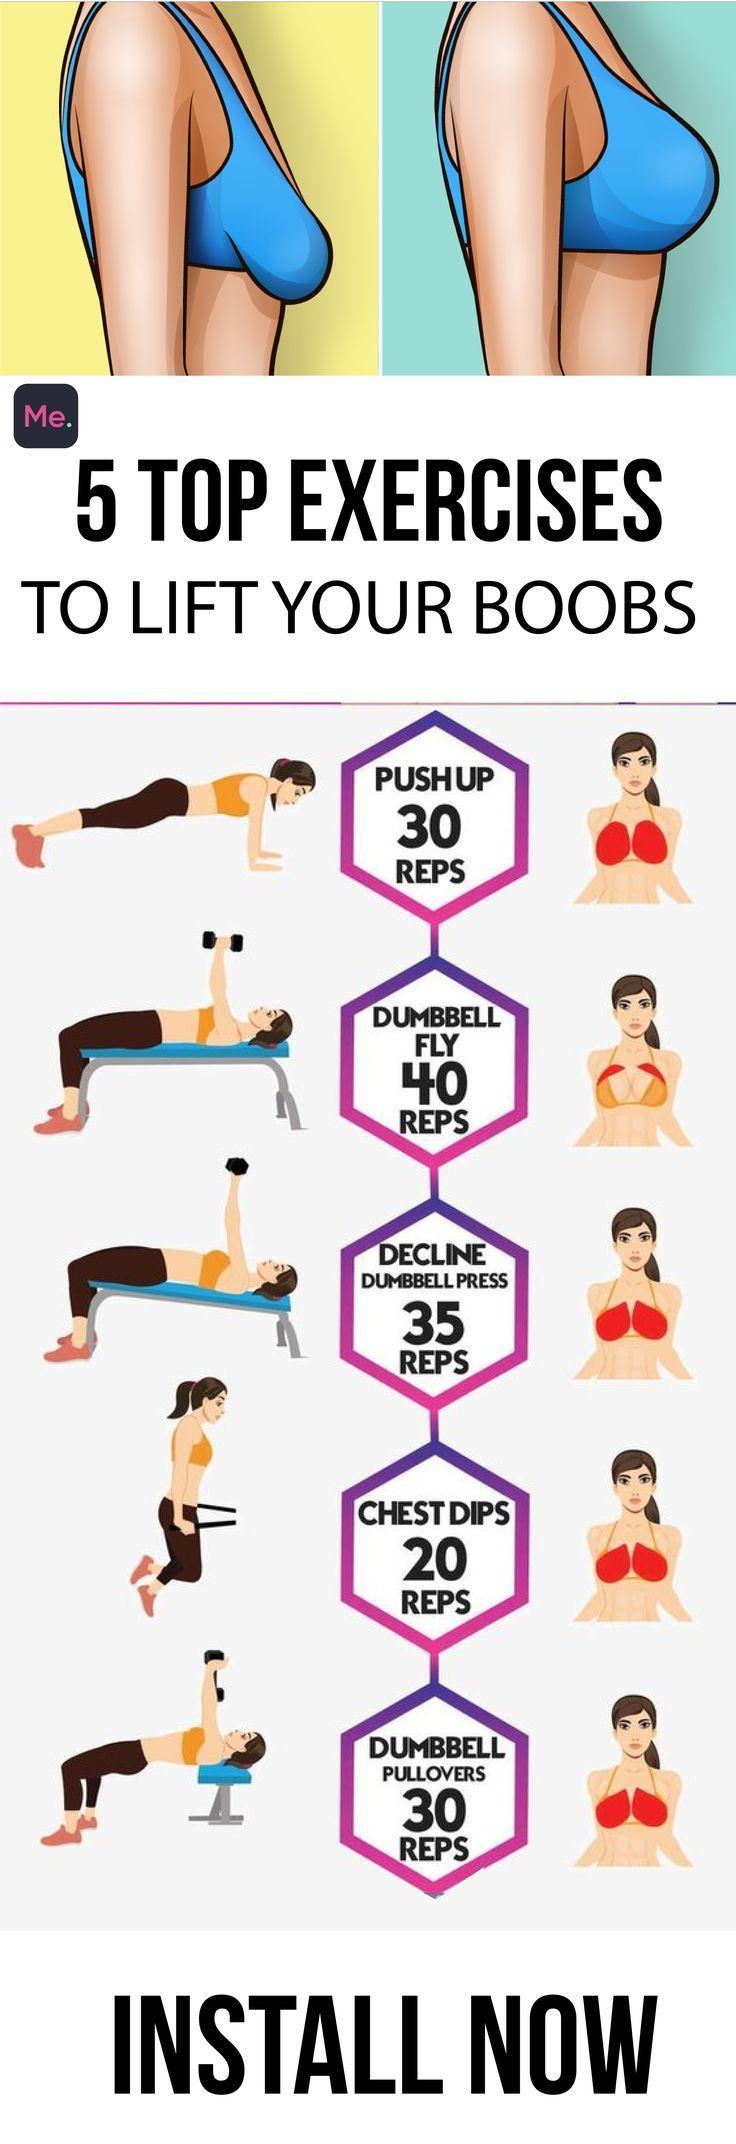 Top 5 Übungen zum Heben Ihrer Brüste #fitnessvideos